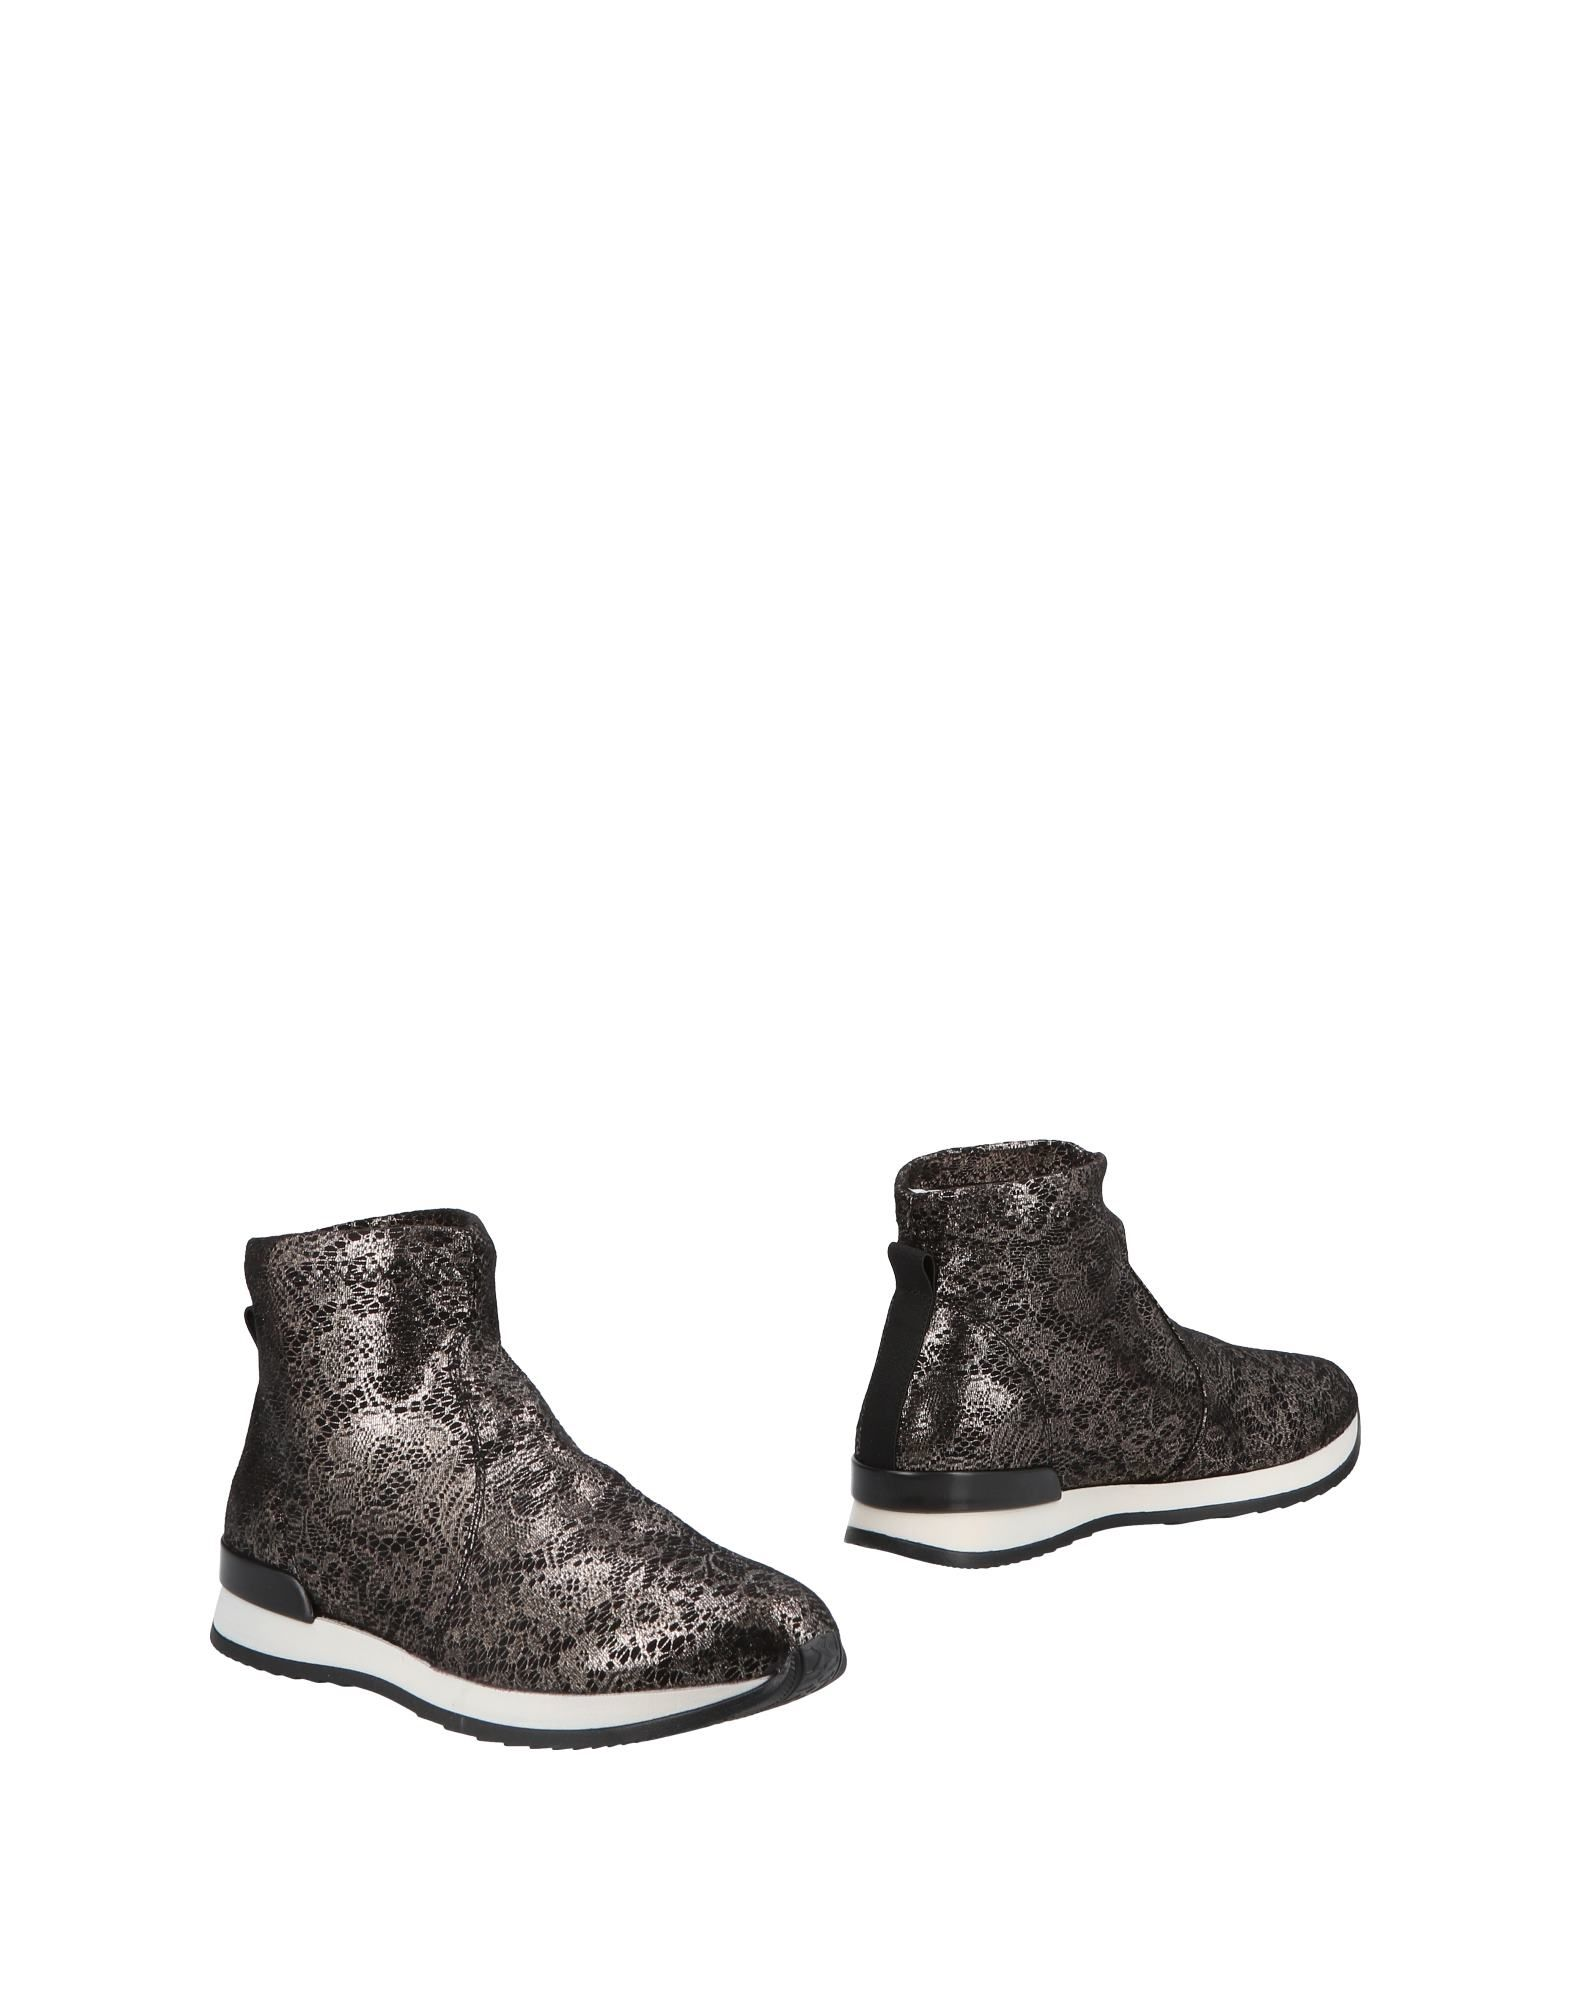 Gut um Stiefelette billige Schuhe zu tragenNr Rapisardi Stiefelette um Damen  11504934WX d1a643